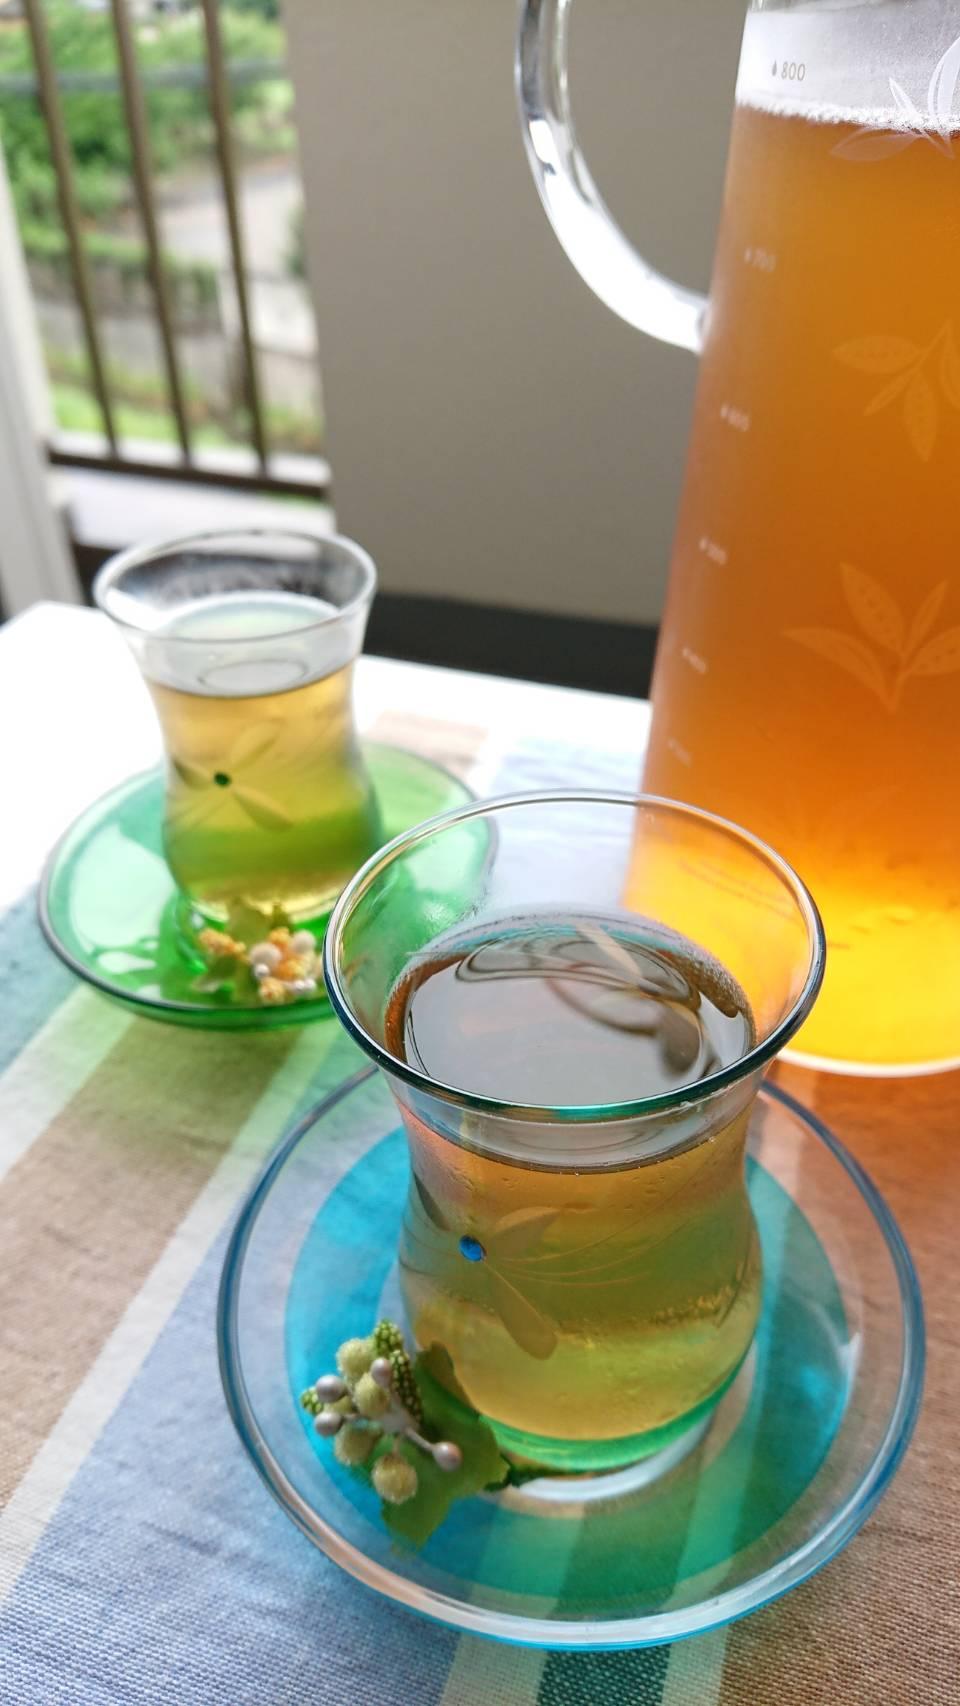 美味しい紅茶の入れ方講座<br>~三種の紅茶の飲み比べ~<br>